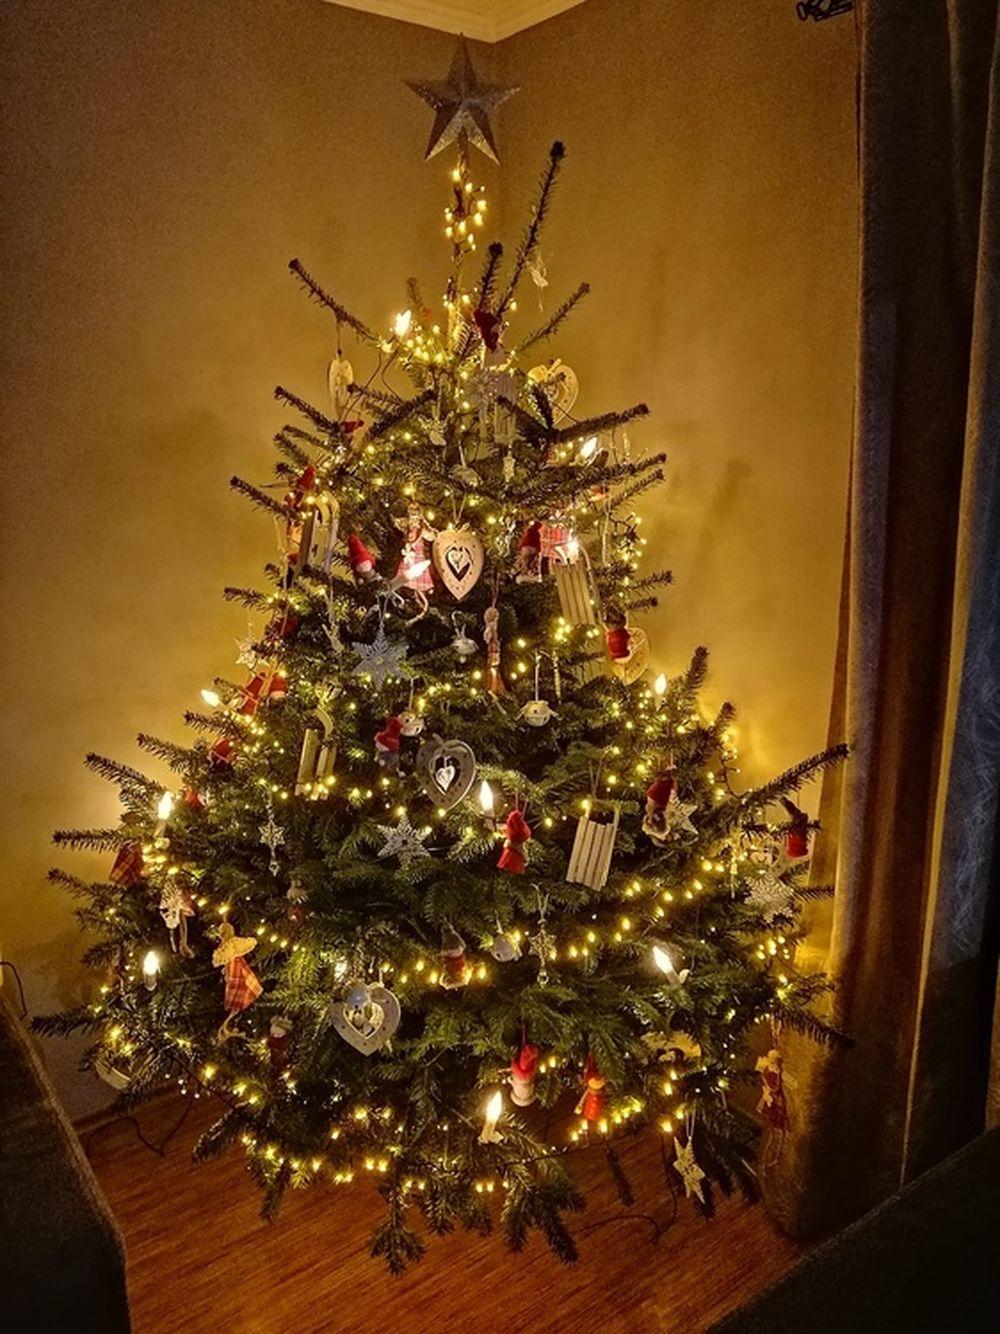 FOTO: Vianočné stromčeky v Žiline - výber fotografií našich čitateľov, foto 37